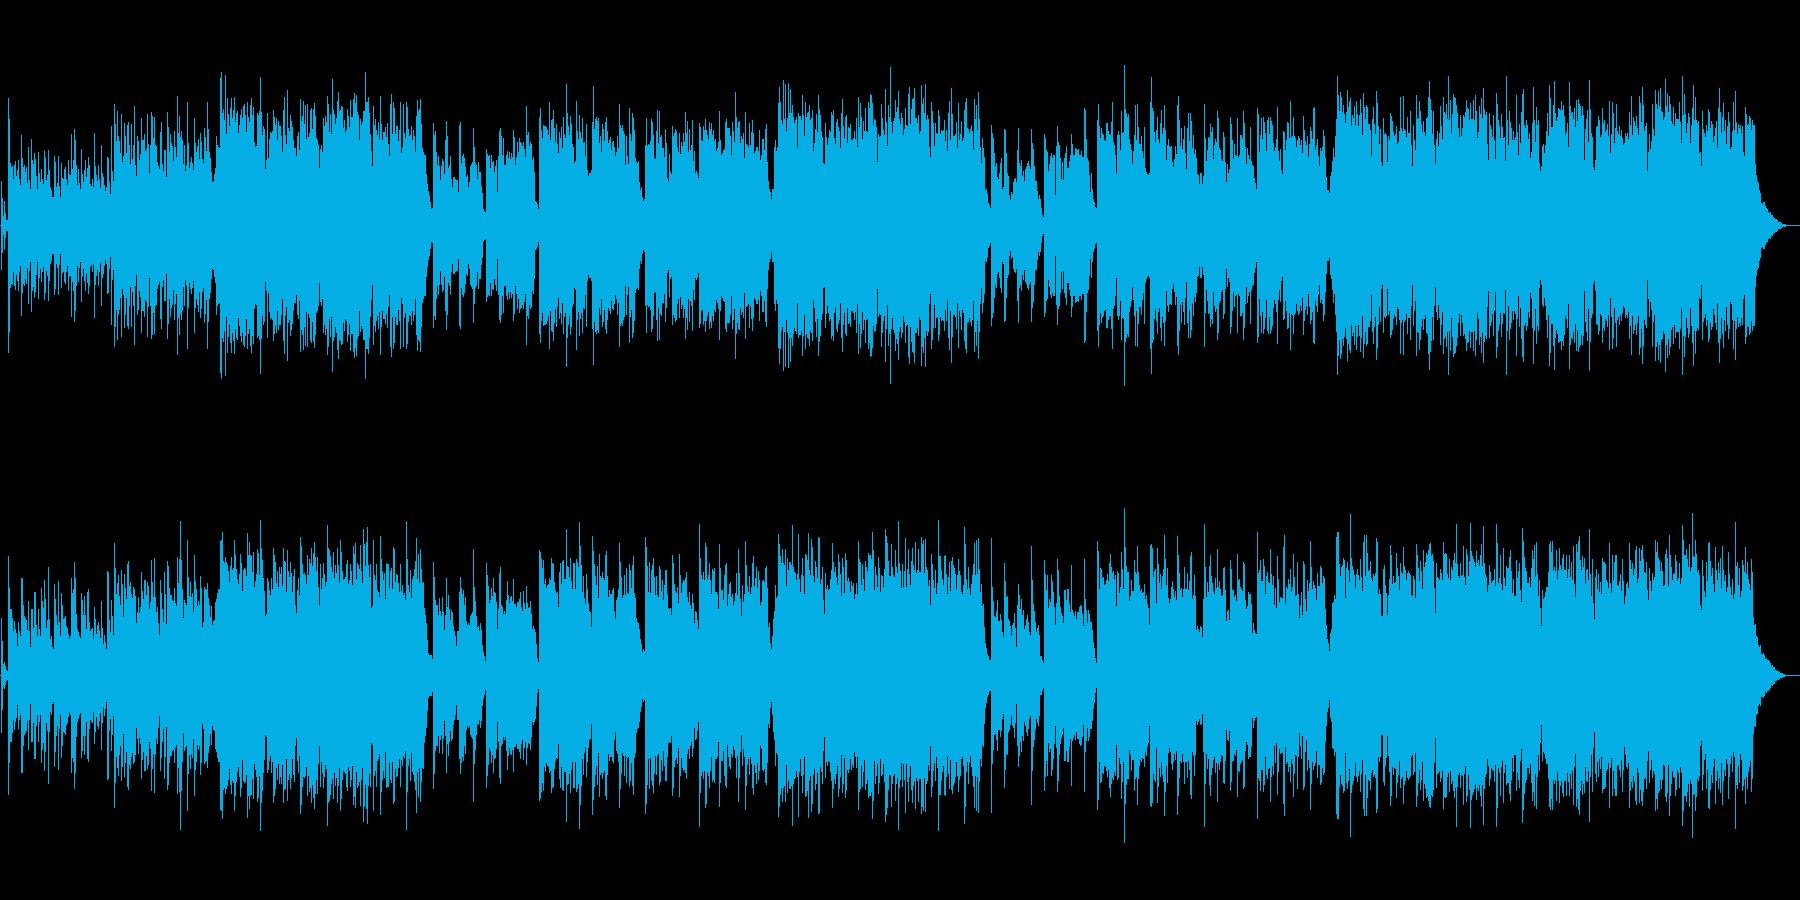 【生篠笛】情緒のある壮大な和風バラードの再生済みの波形